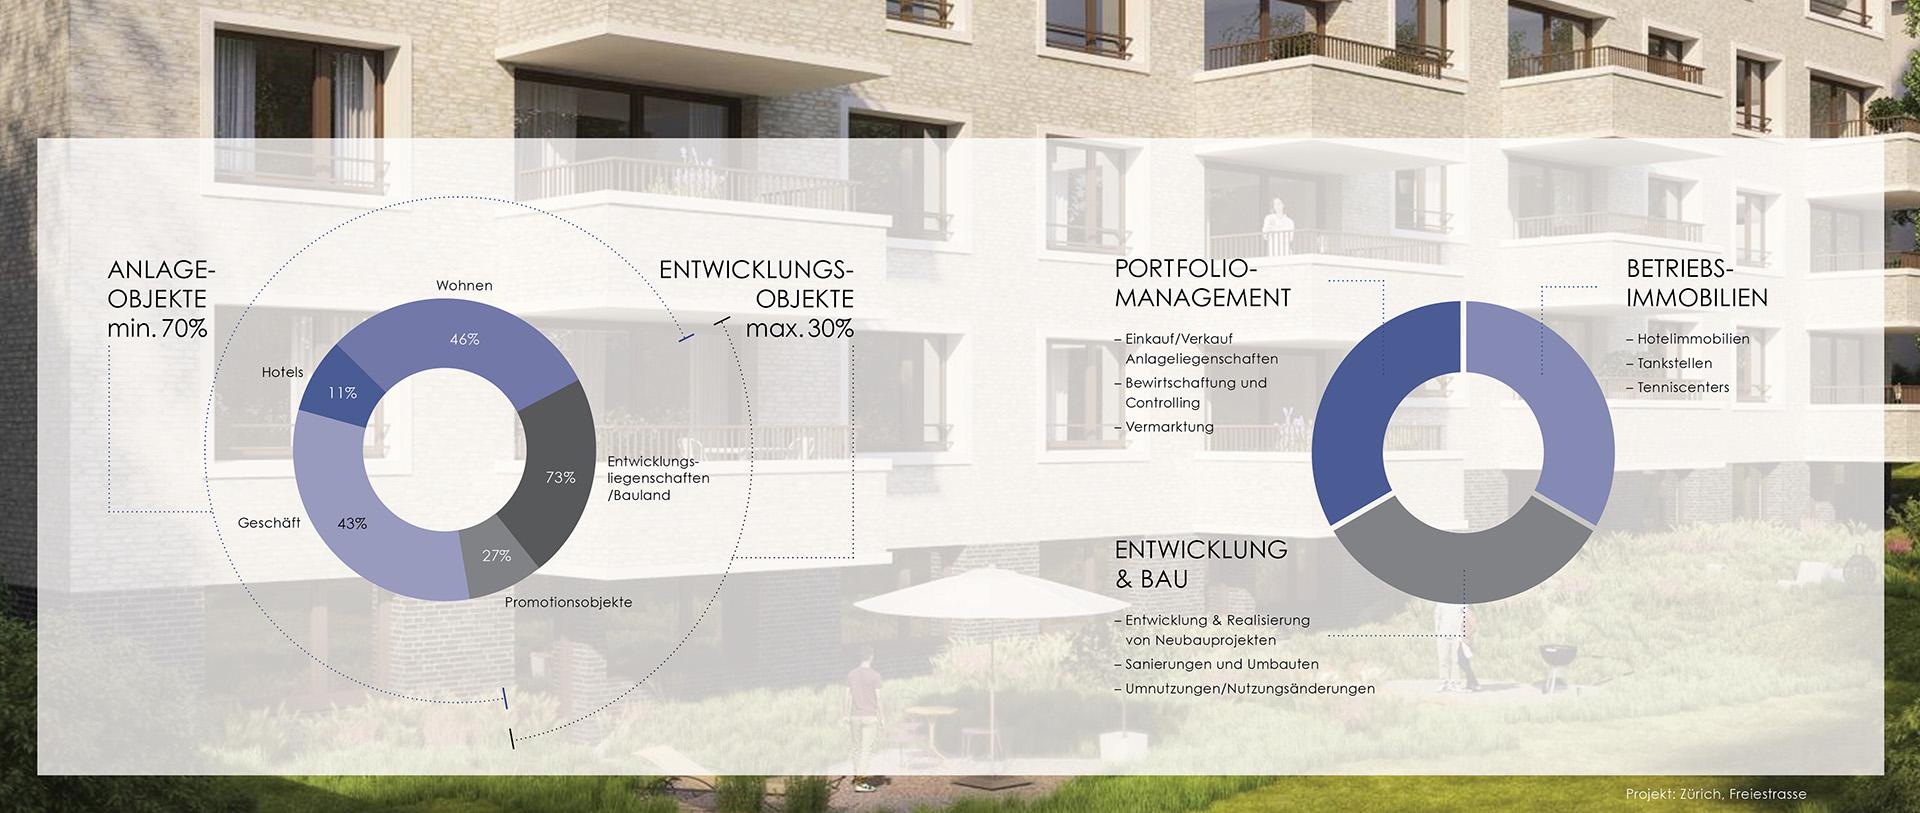 Diagram Meili Unternehmungen Imagebroschüre by uniik.com